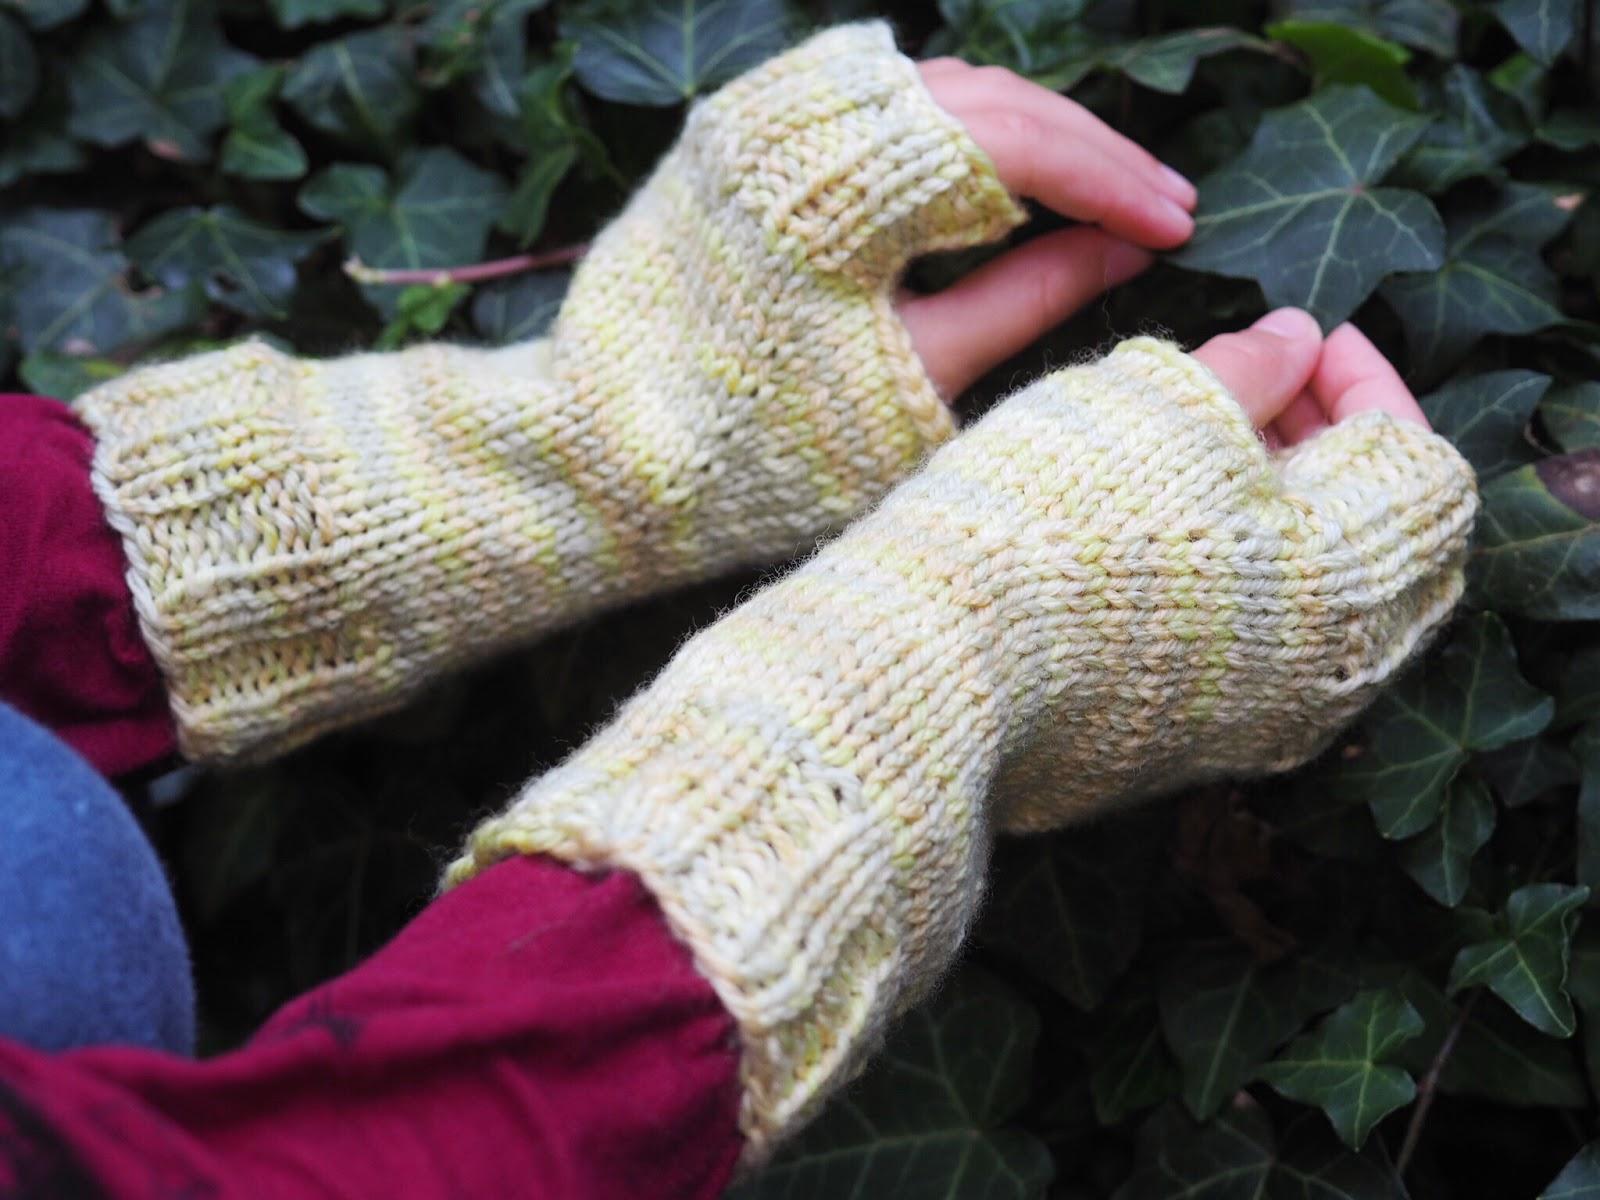 Strickanleitung für fingerlose Handschuhe aus Wolle von The Yarn Collective